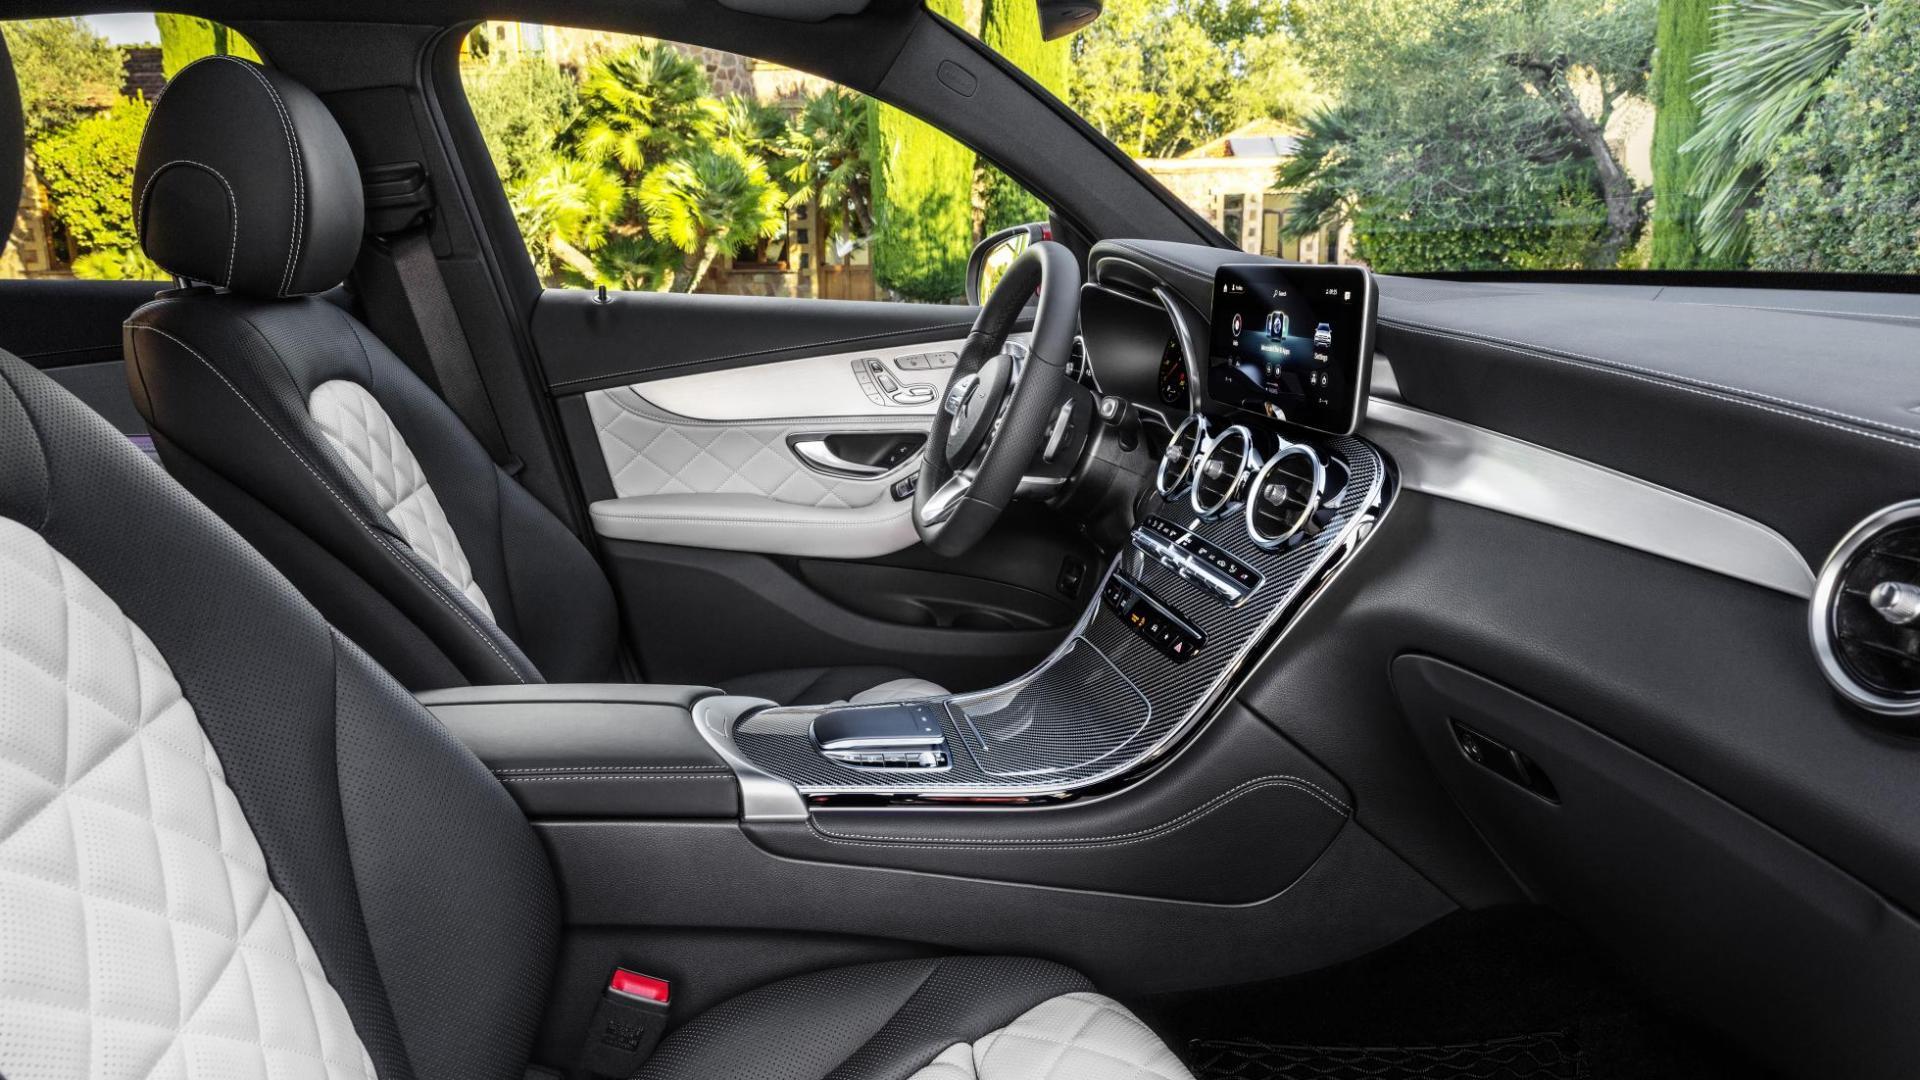 Mercedes GLC Coupé-facelift interieur